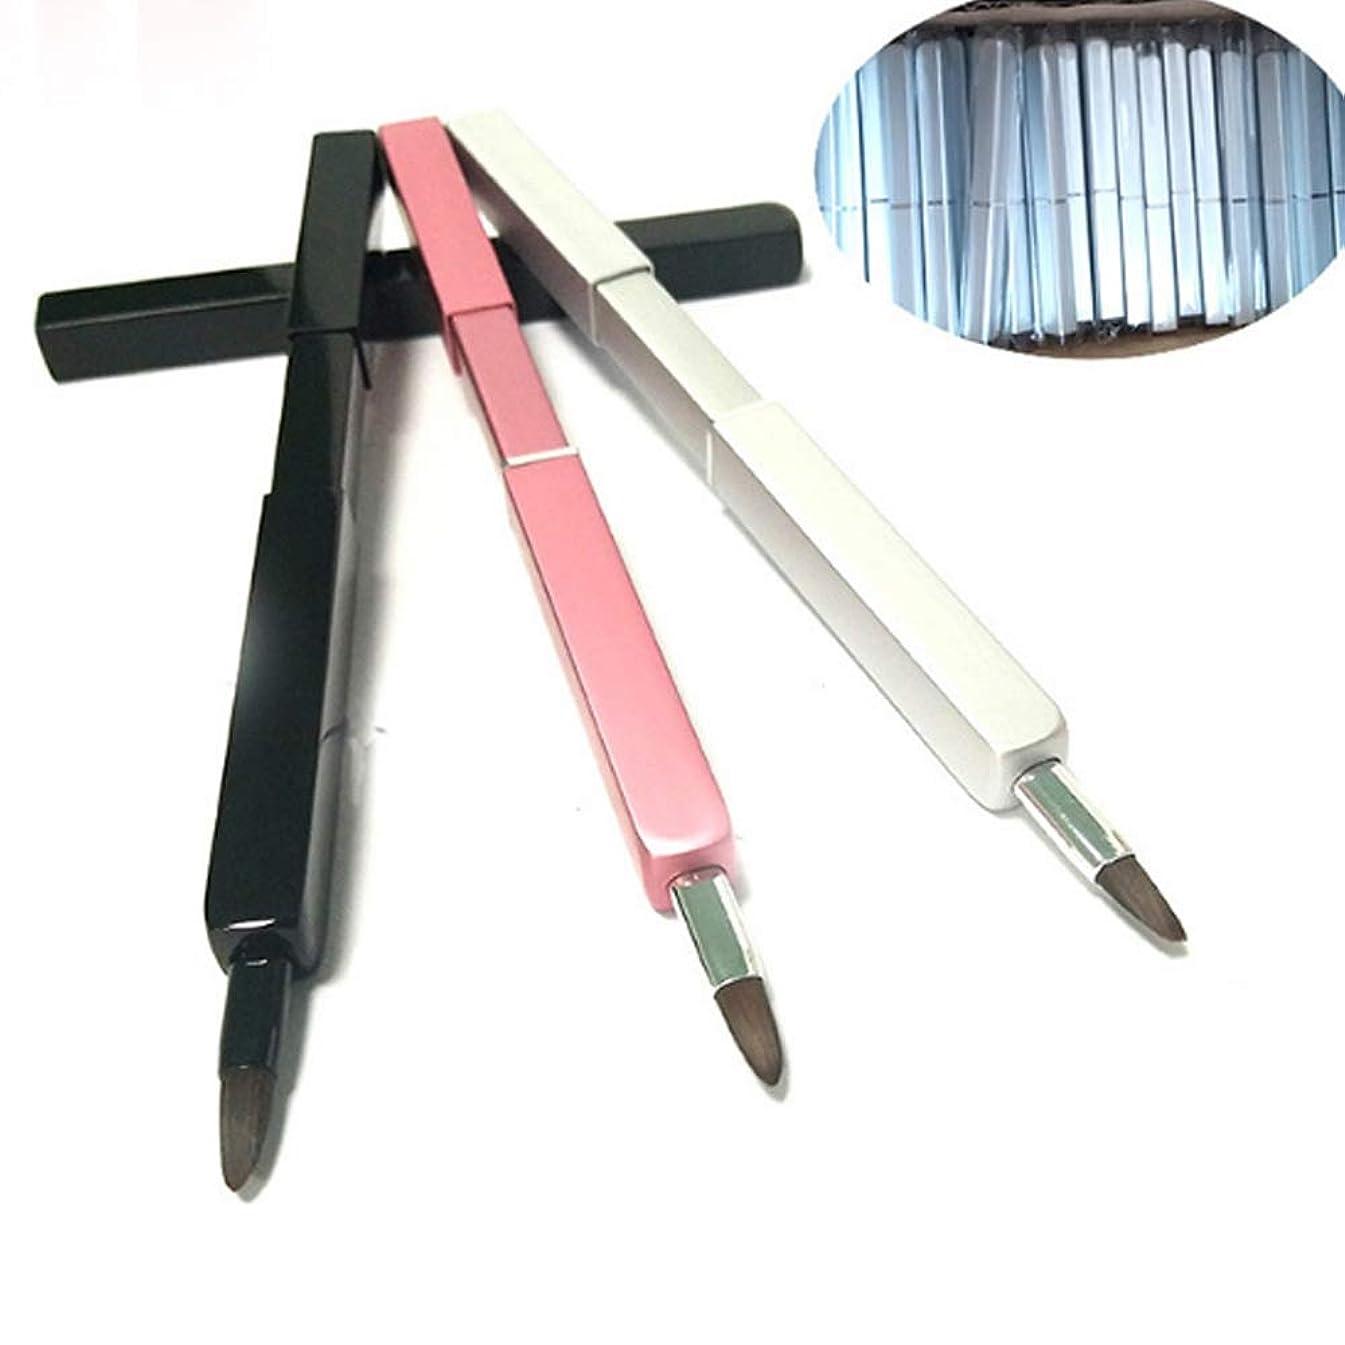 高架意外平衡Cangad リップブラシ 化粧筆 伸縮可能 持ち運び便利 メリハリの立体的な唇に スライド式 携帯用 (3色オプション)